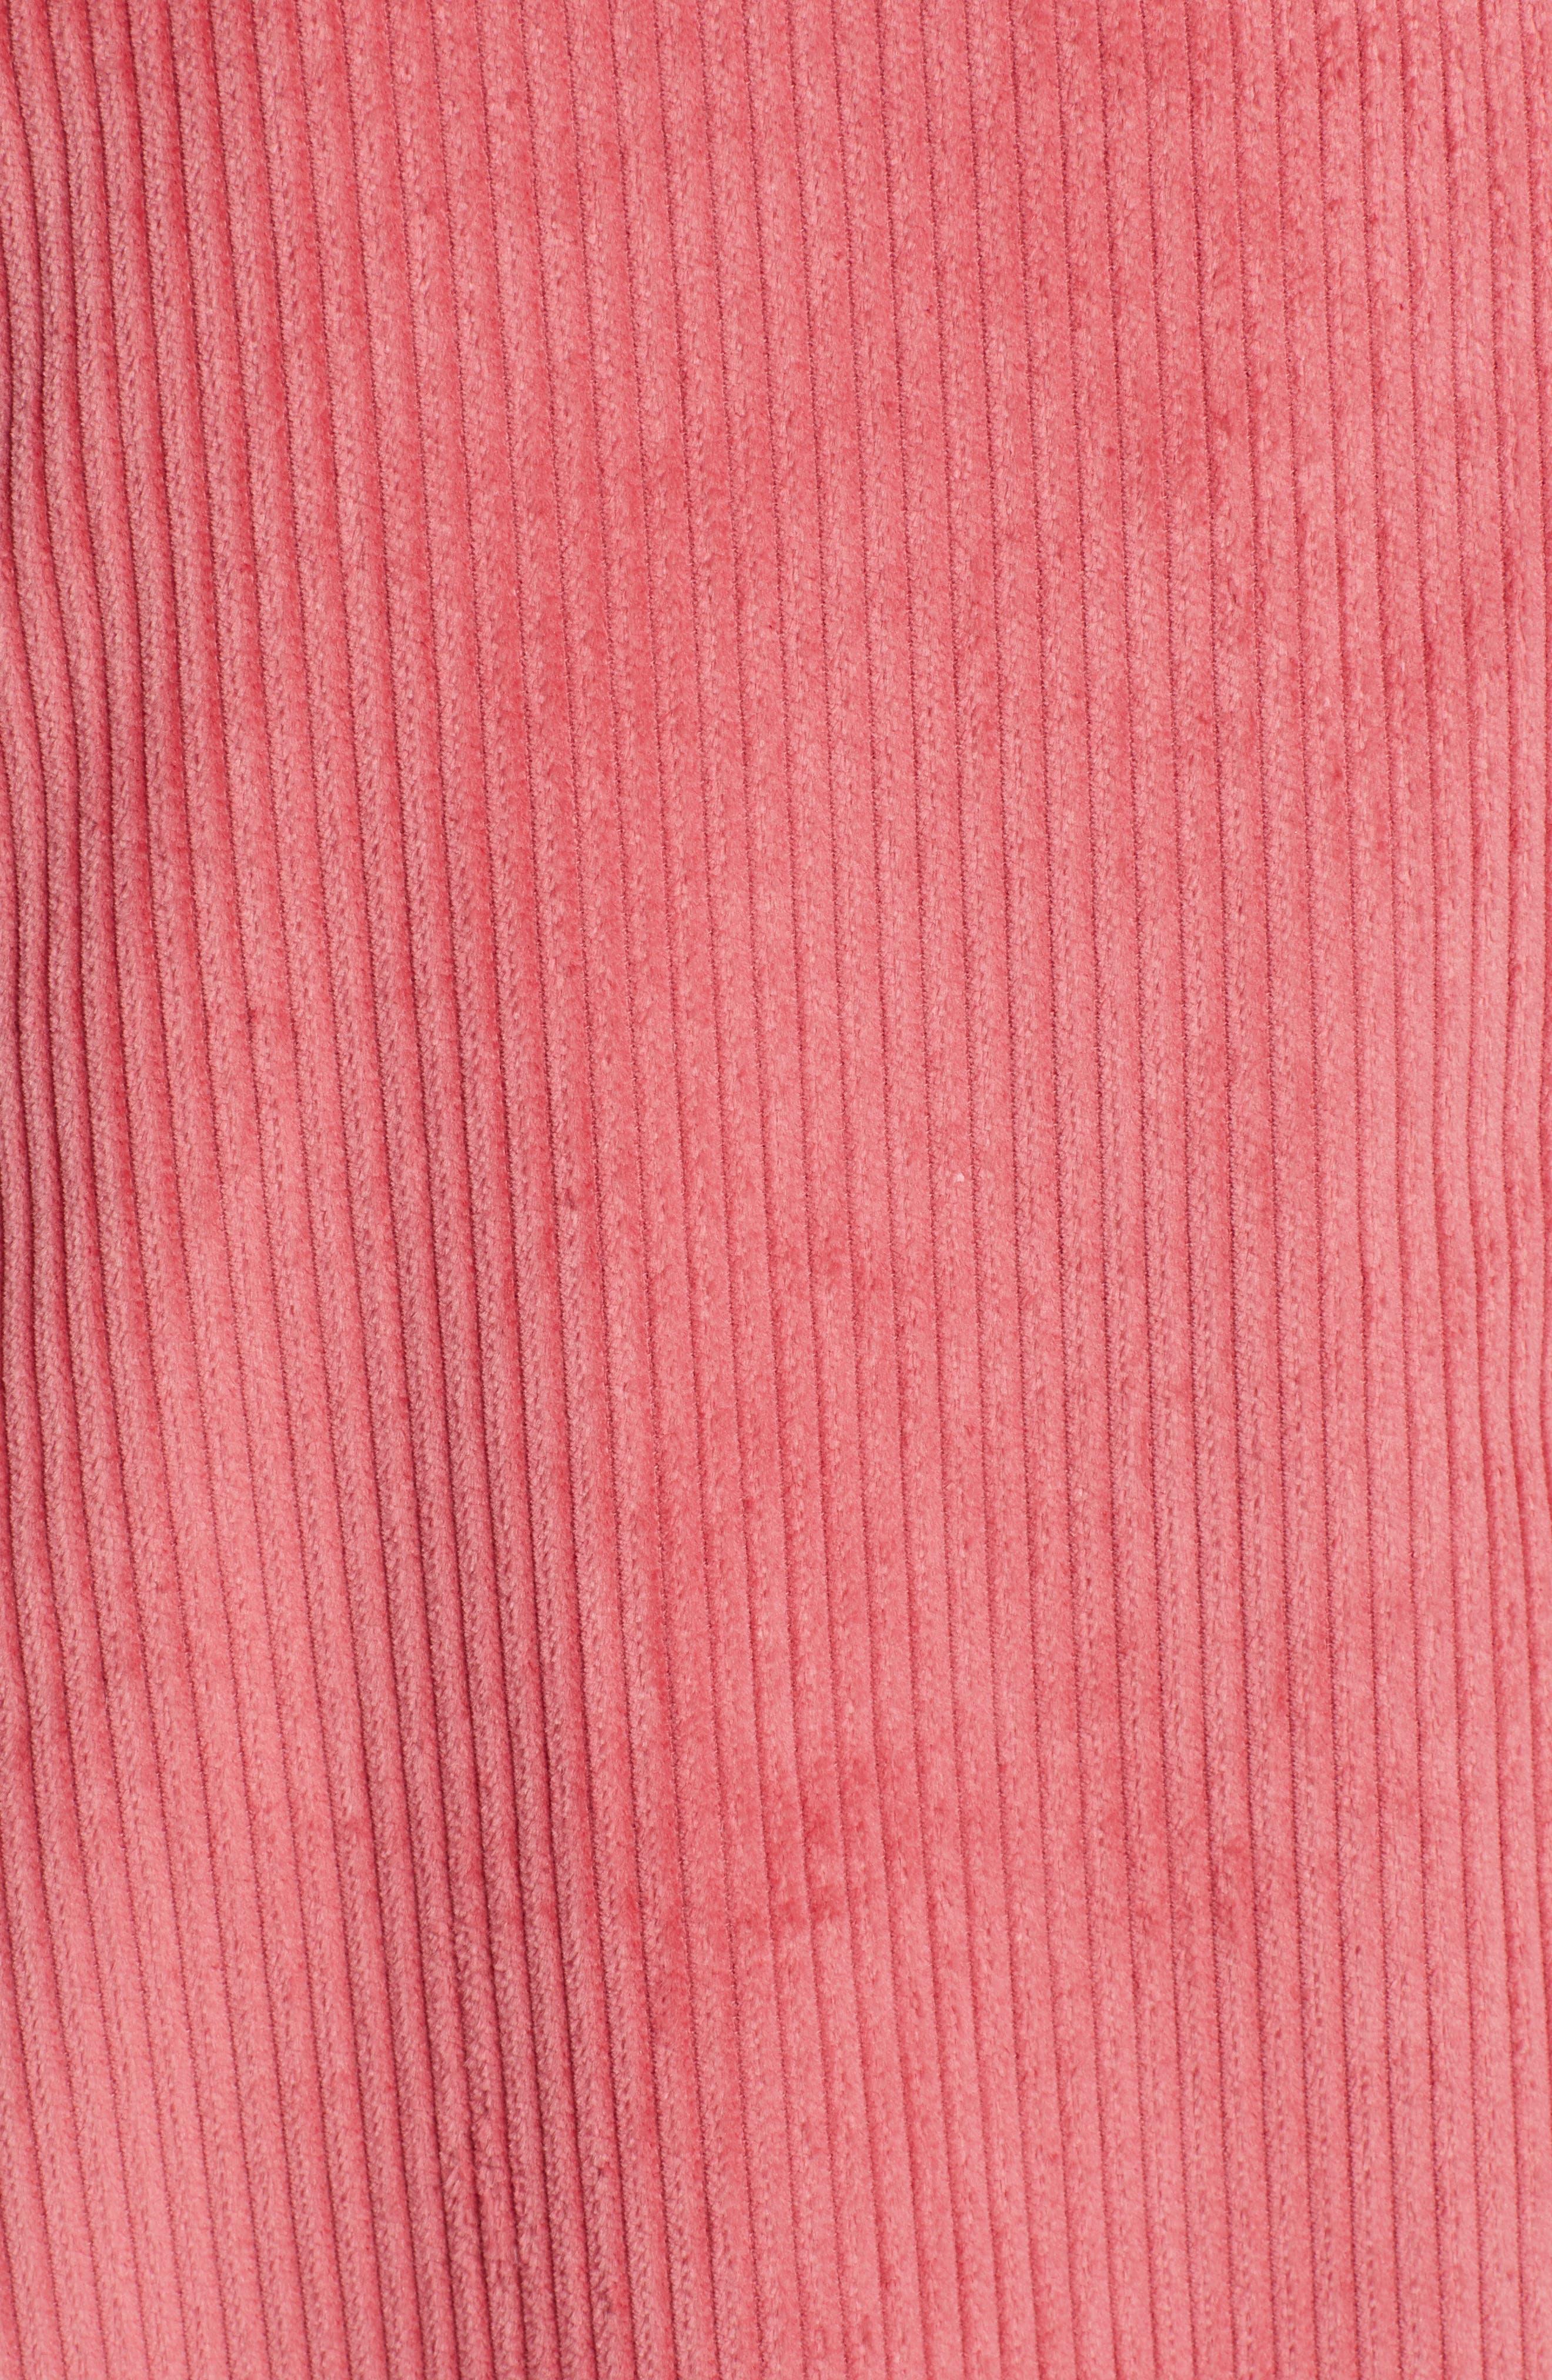 Corduroy Knee Length Skirt,                             Alternate thumbnail 5, color,                             660